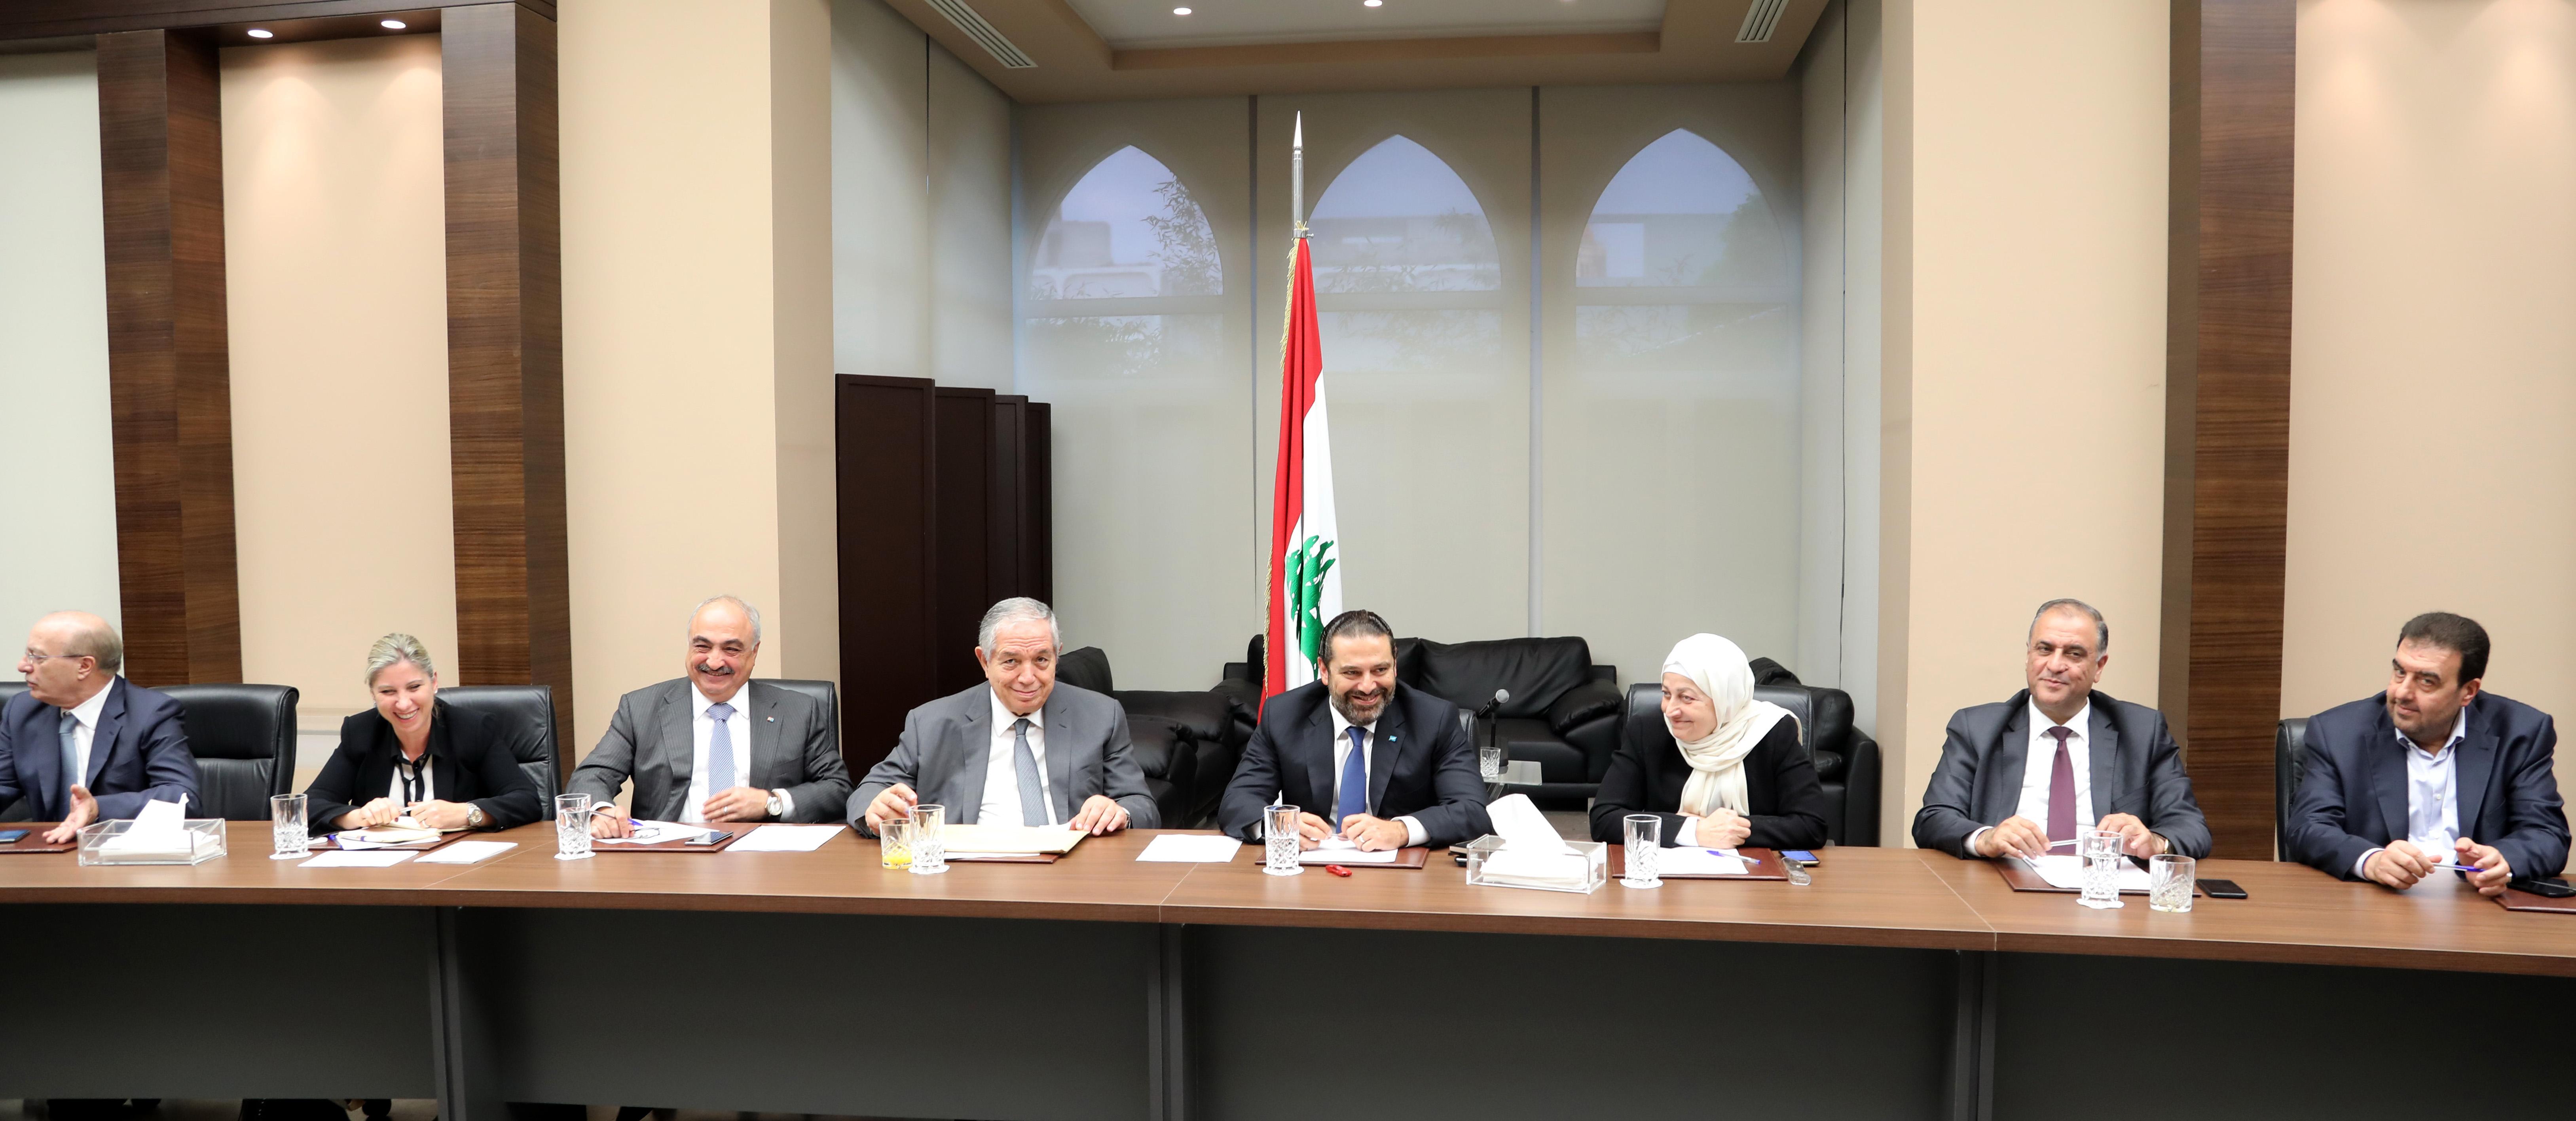 Pr Minister Saad Hariri Heading Almustaqbal MPs Bloc 2